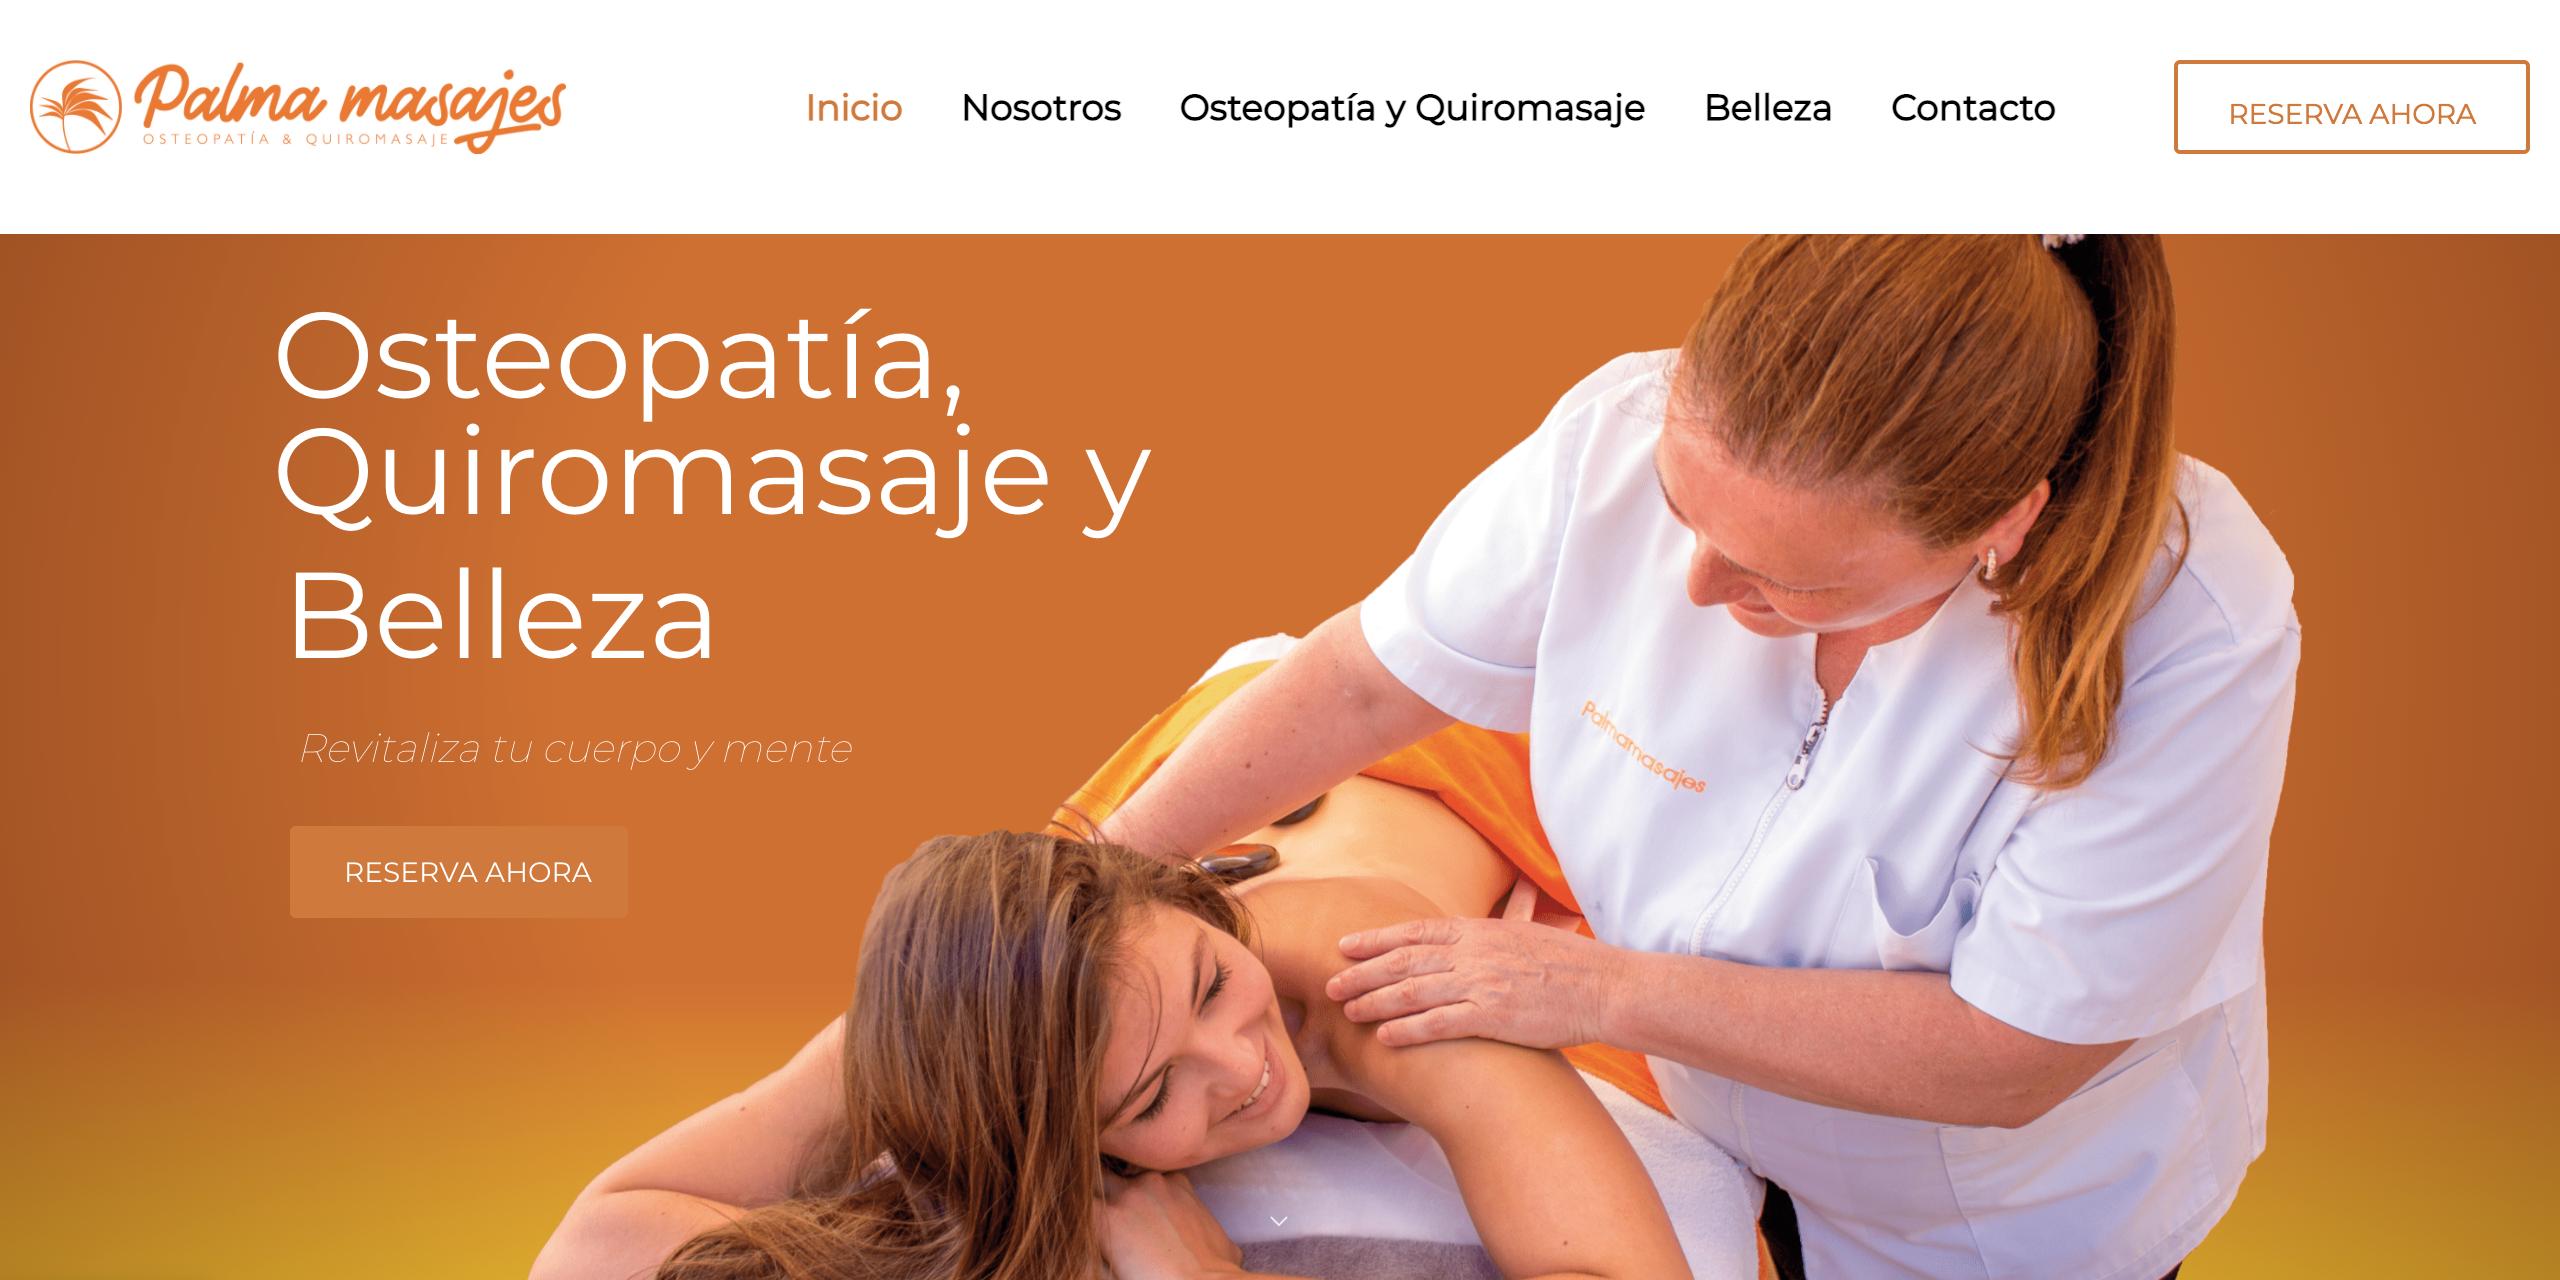 diseño web palma masajes